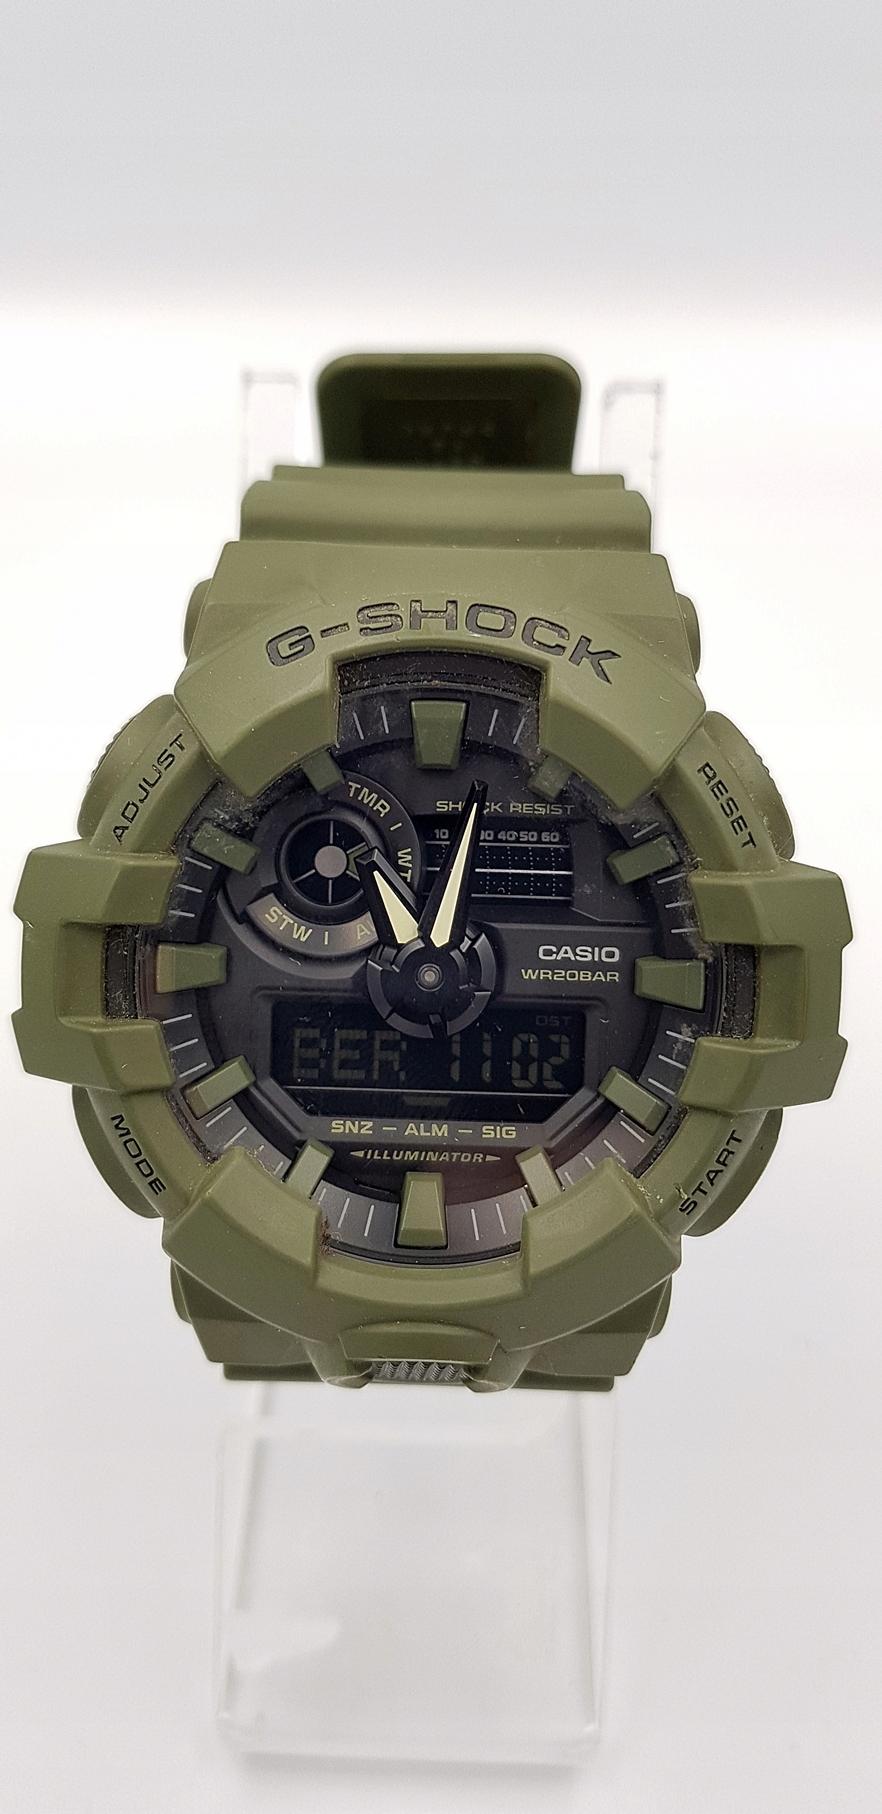 Zegarek męski Casio G-Shock GA-700UC-5AER